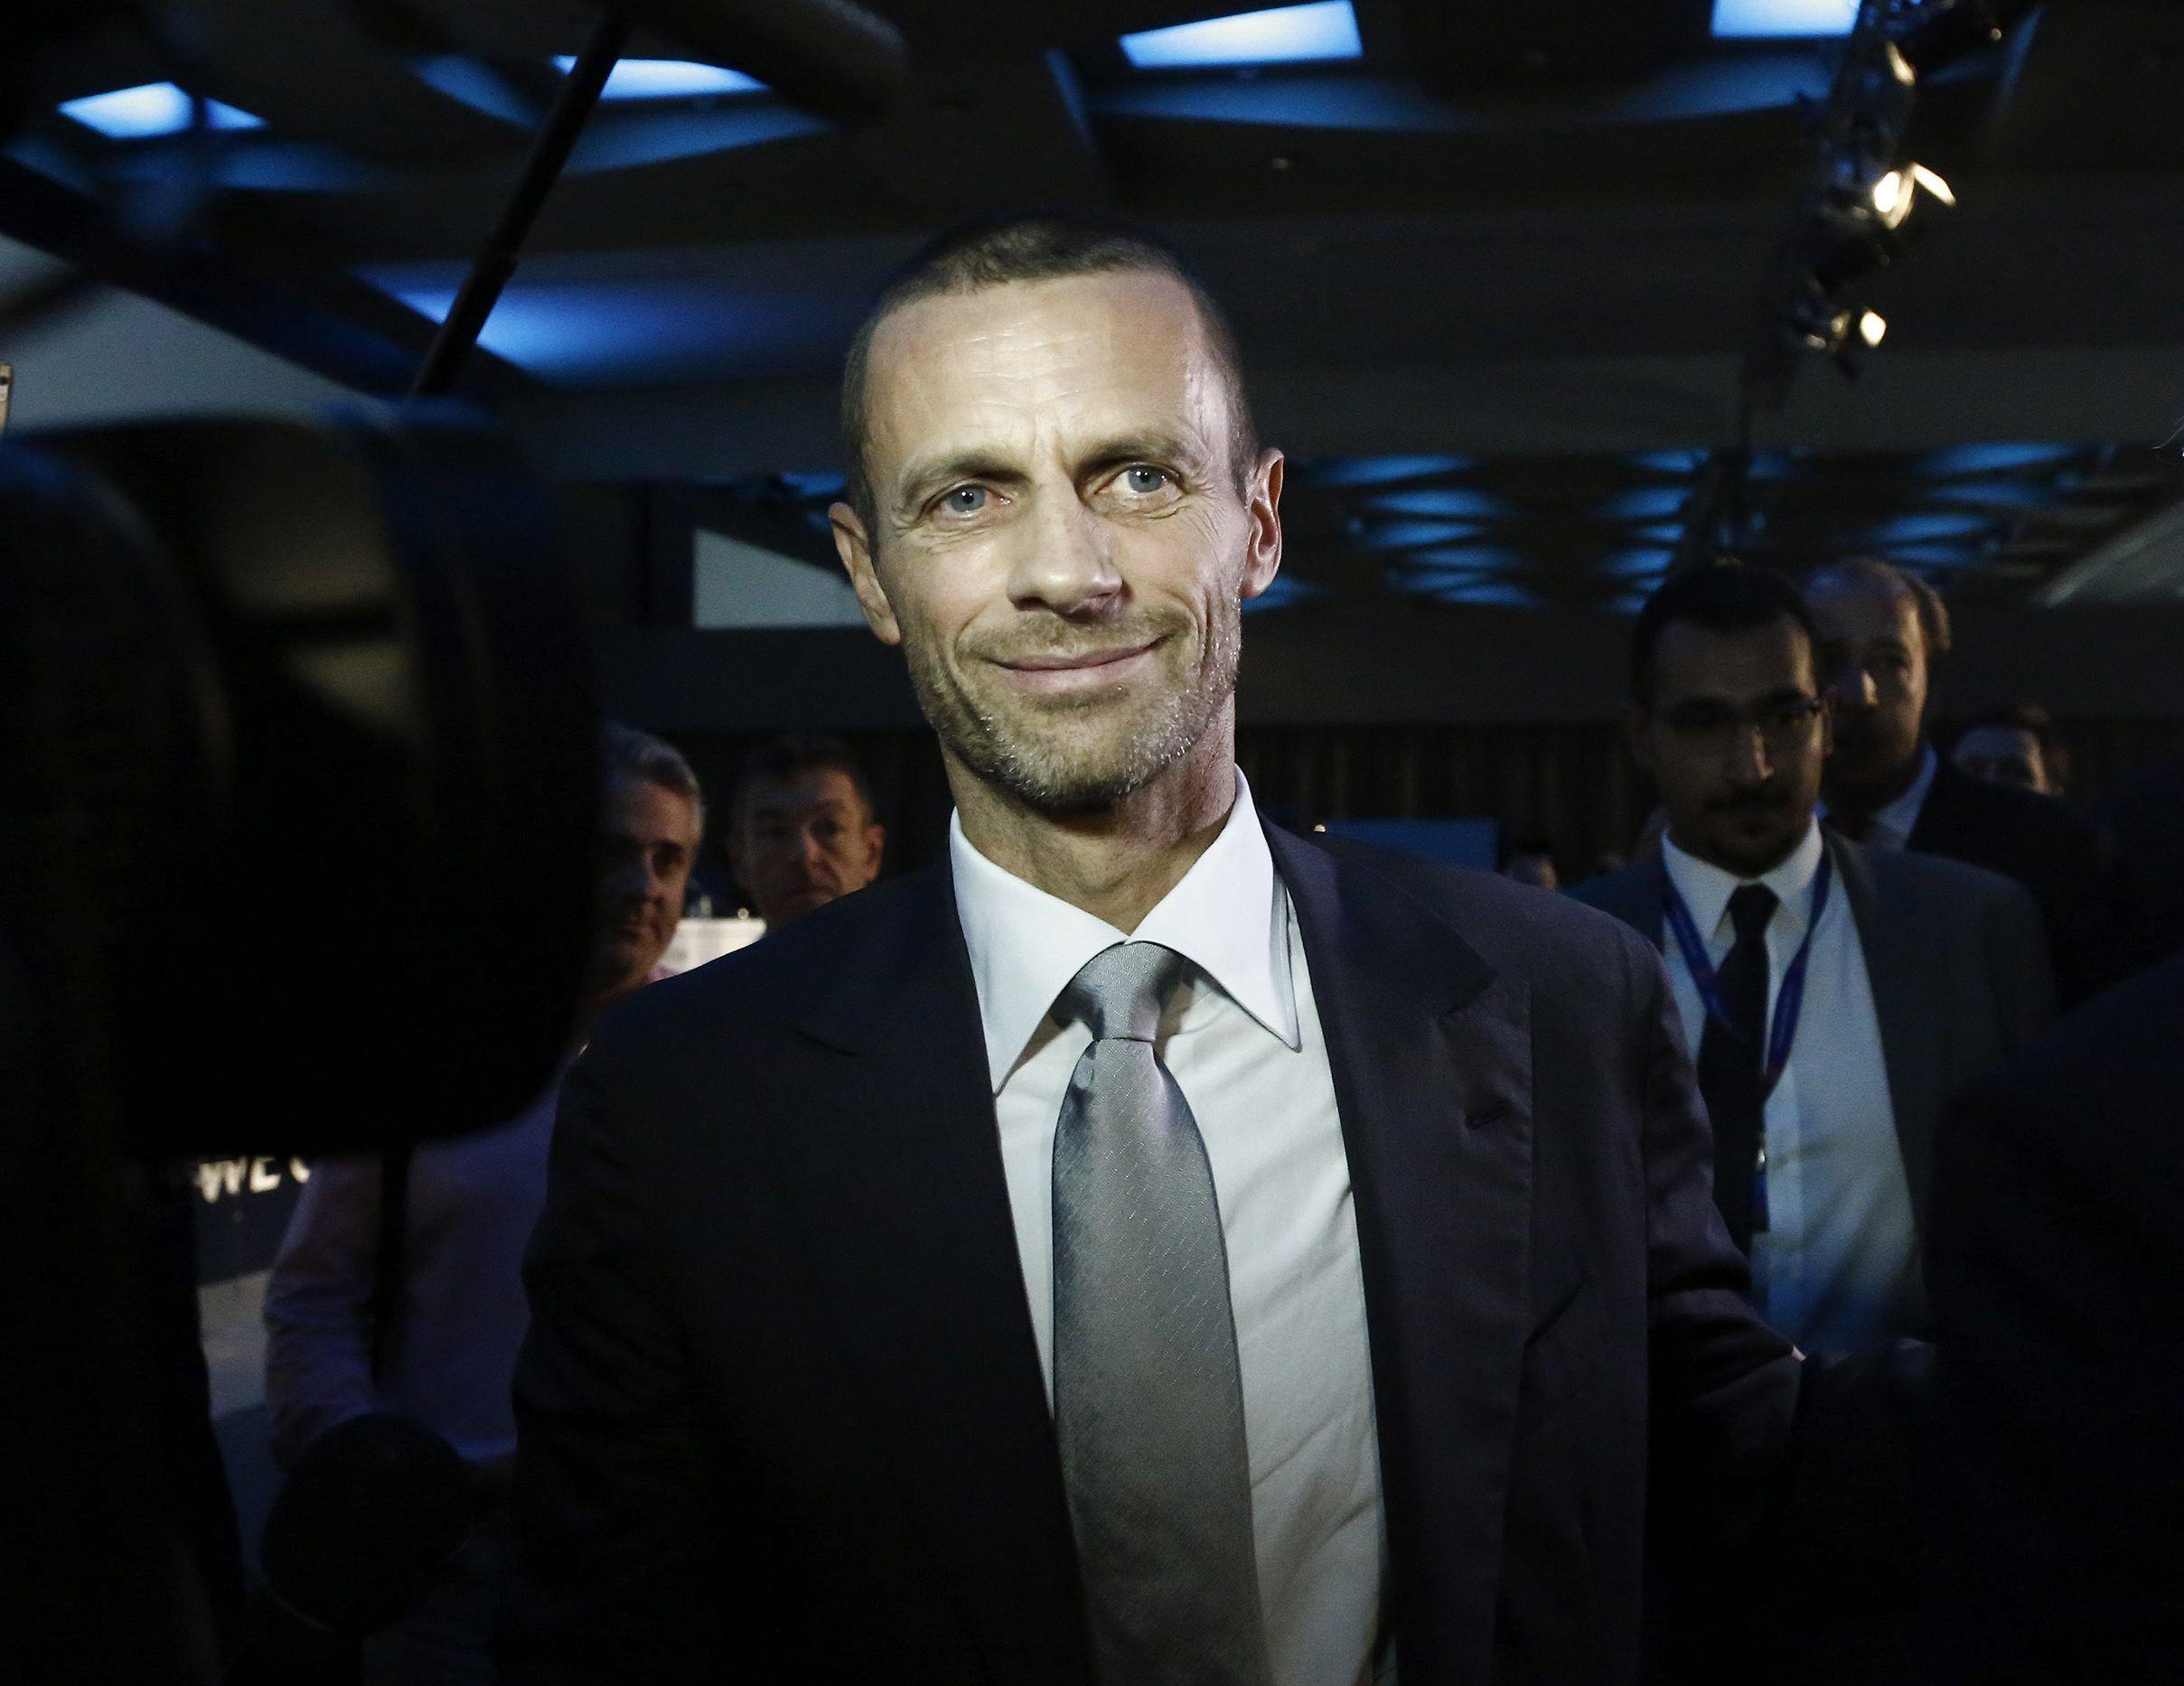 Un esloveno es el nuevo presidente de la UEFA en lugar de Michel Platini